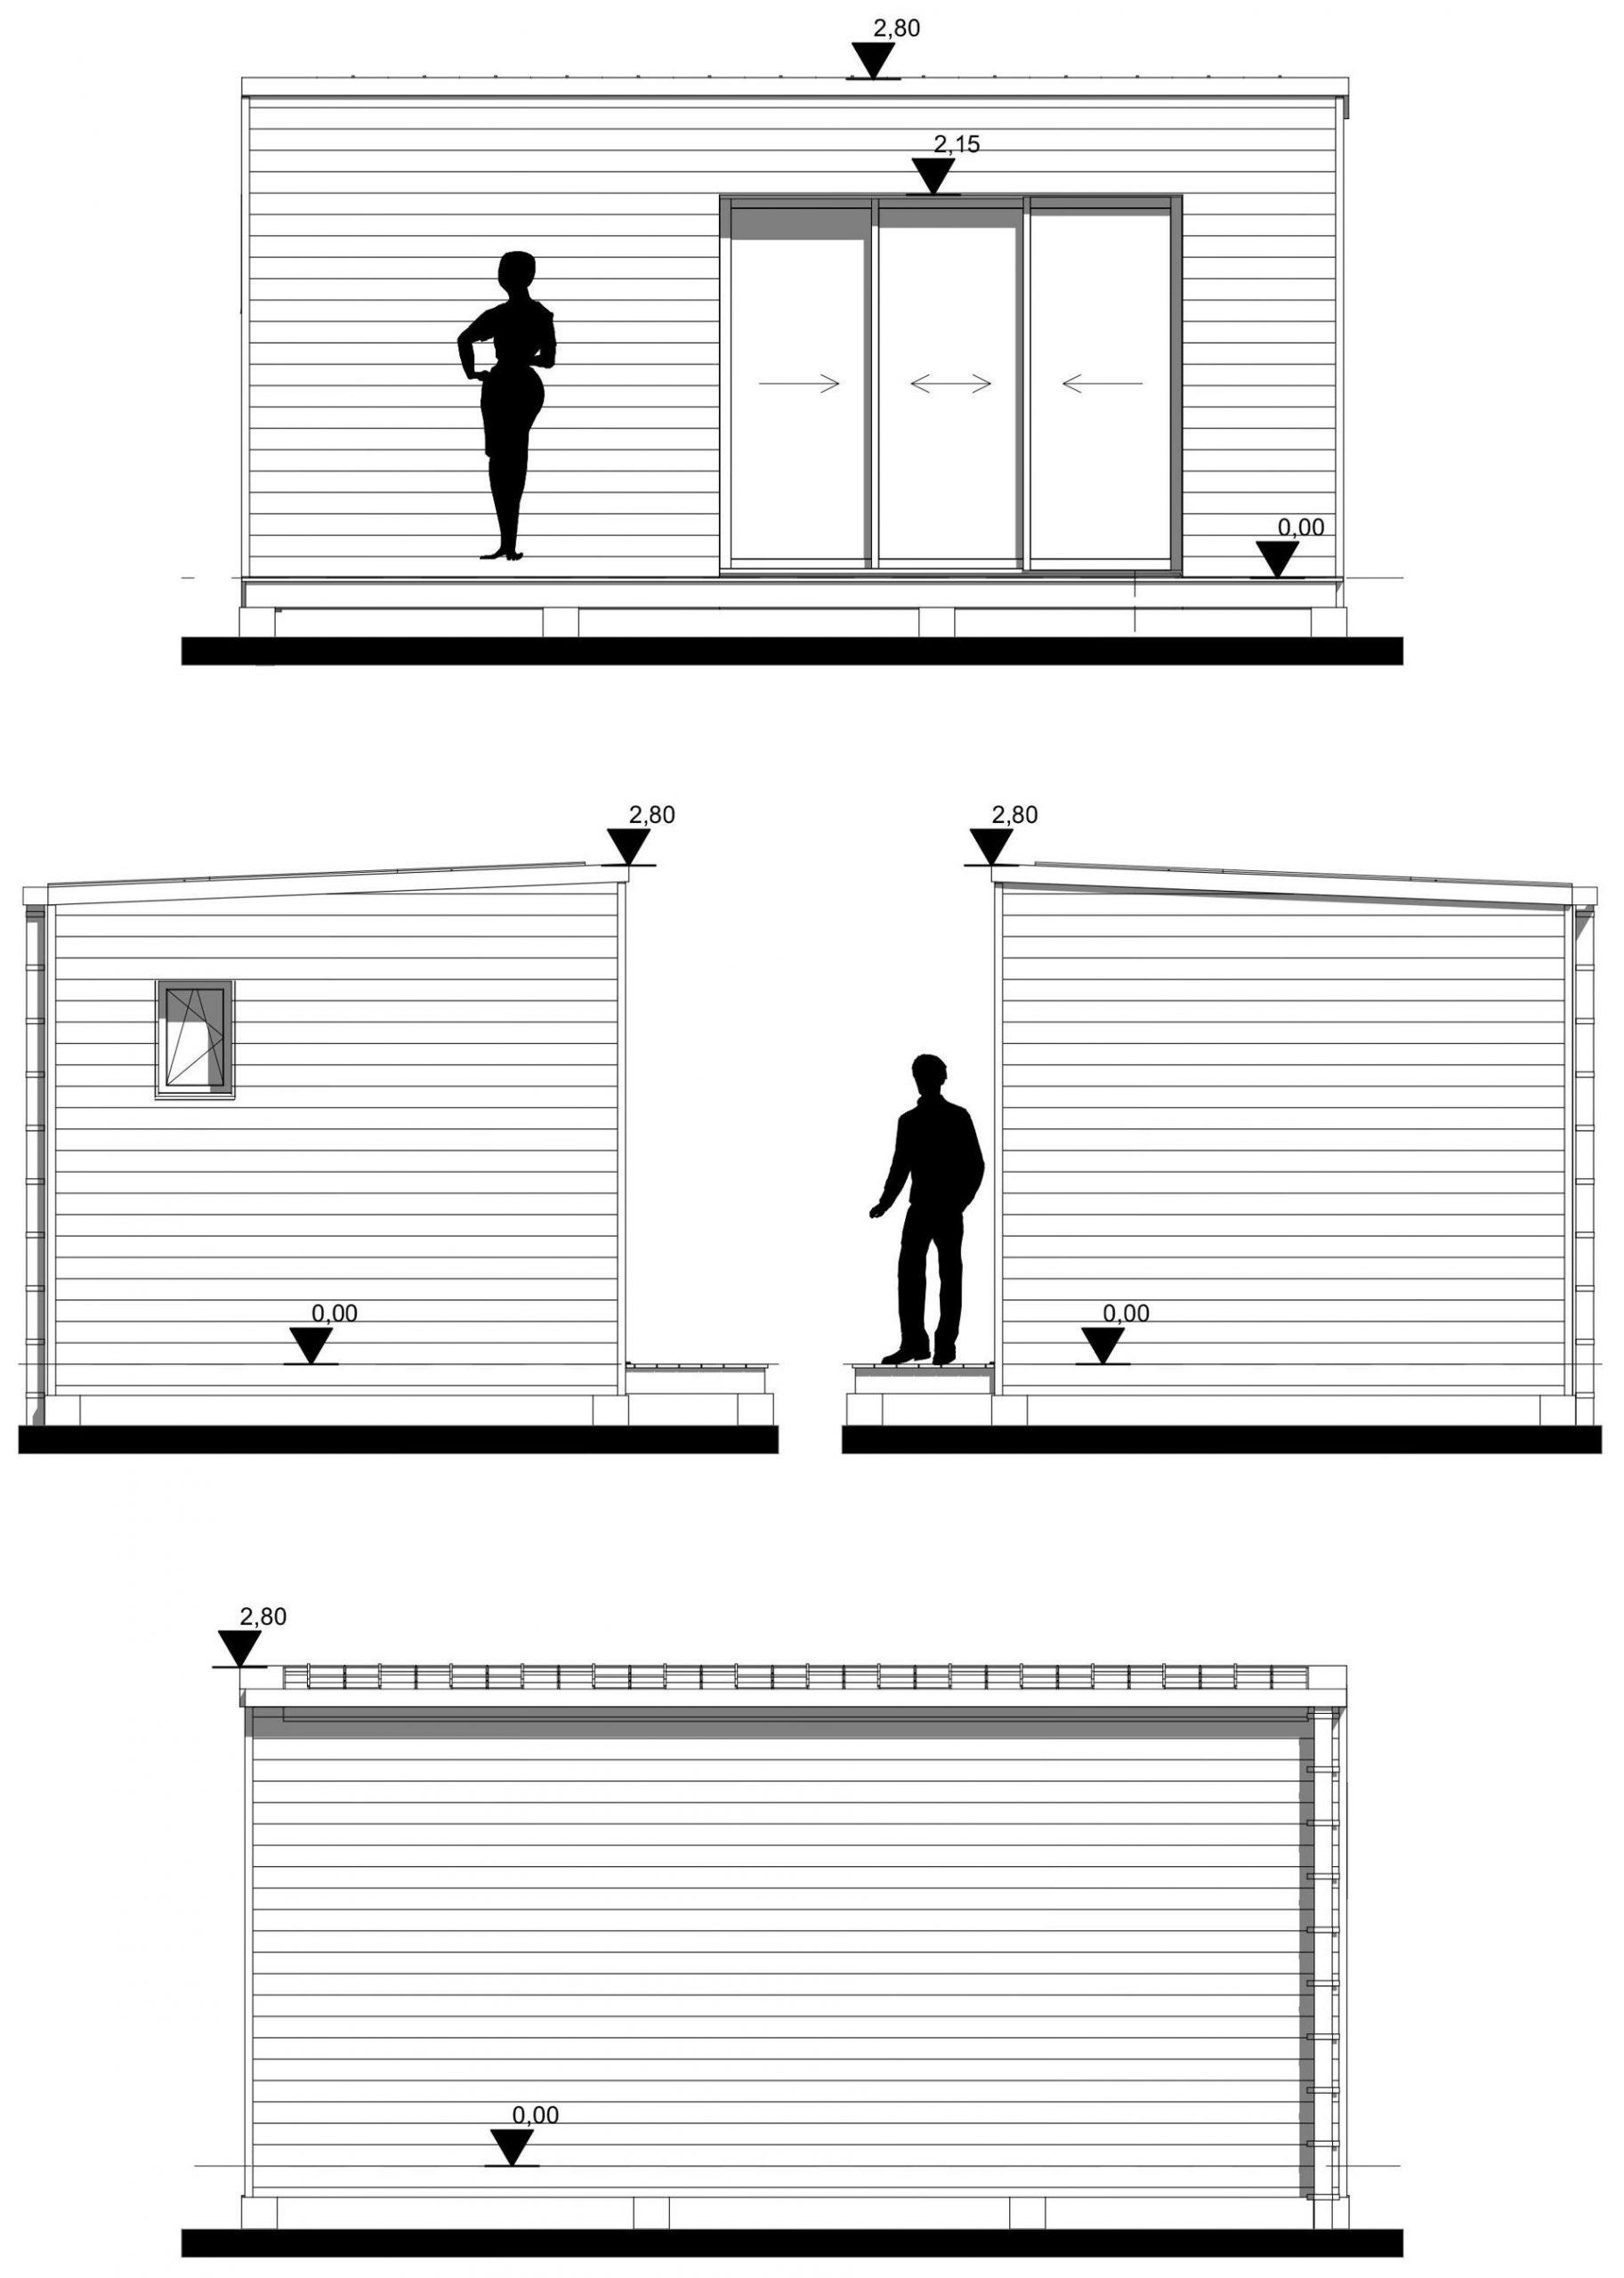 Studio De Jardin 20M2 Clé En Main - Woodyloft pour Studio De Jardin Prix